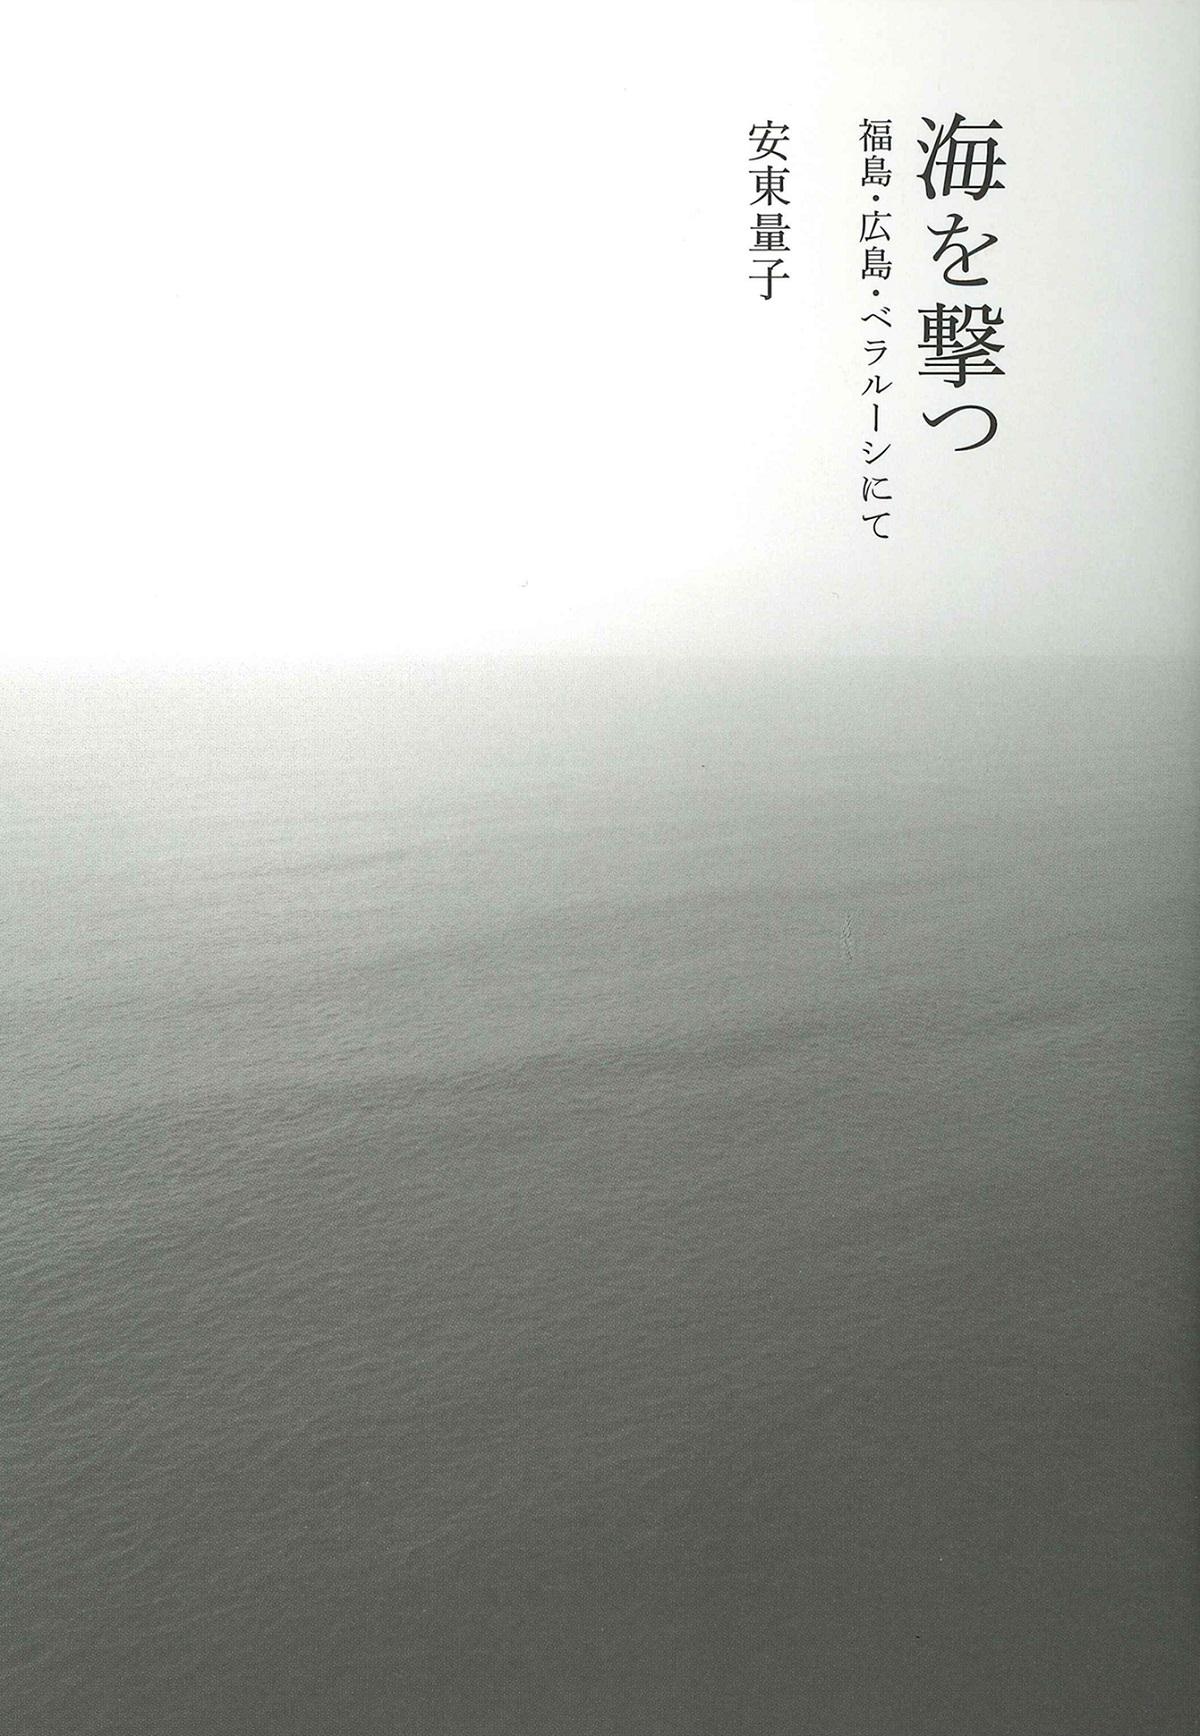 安東量子さんの『海を撃つ――福島・広島・ベラルーシにて』(みすず書房)